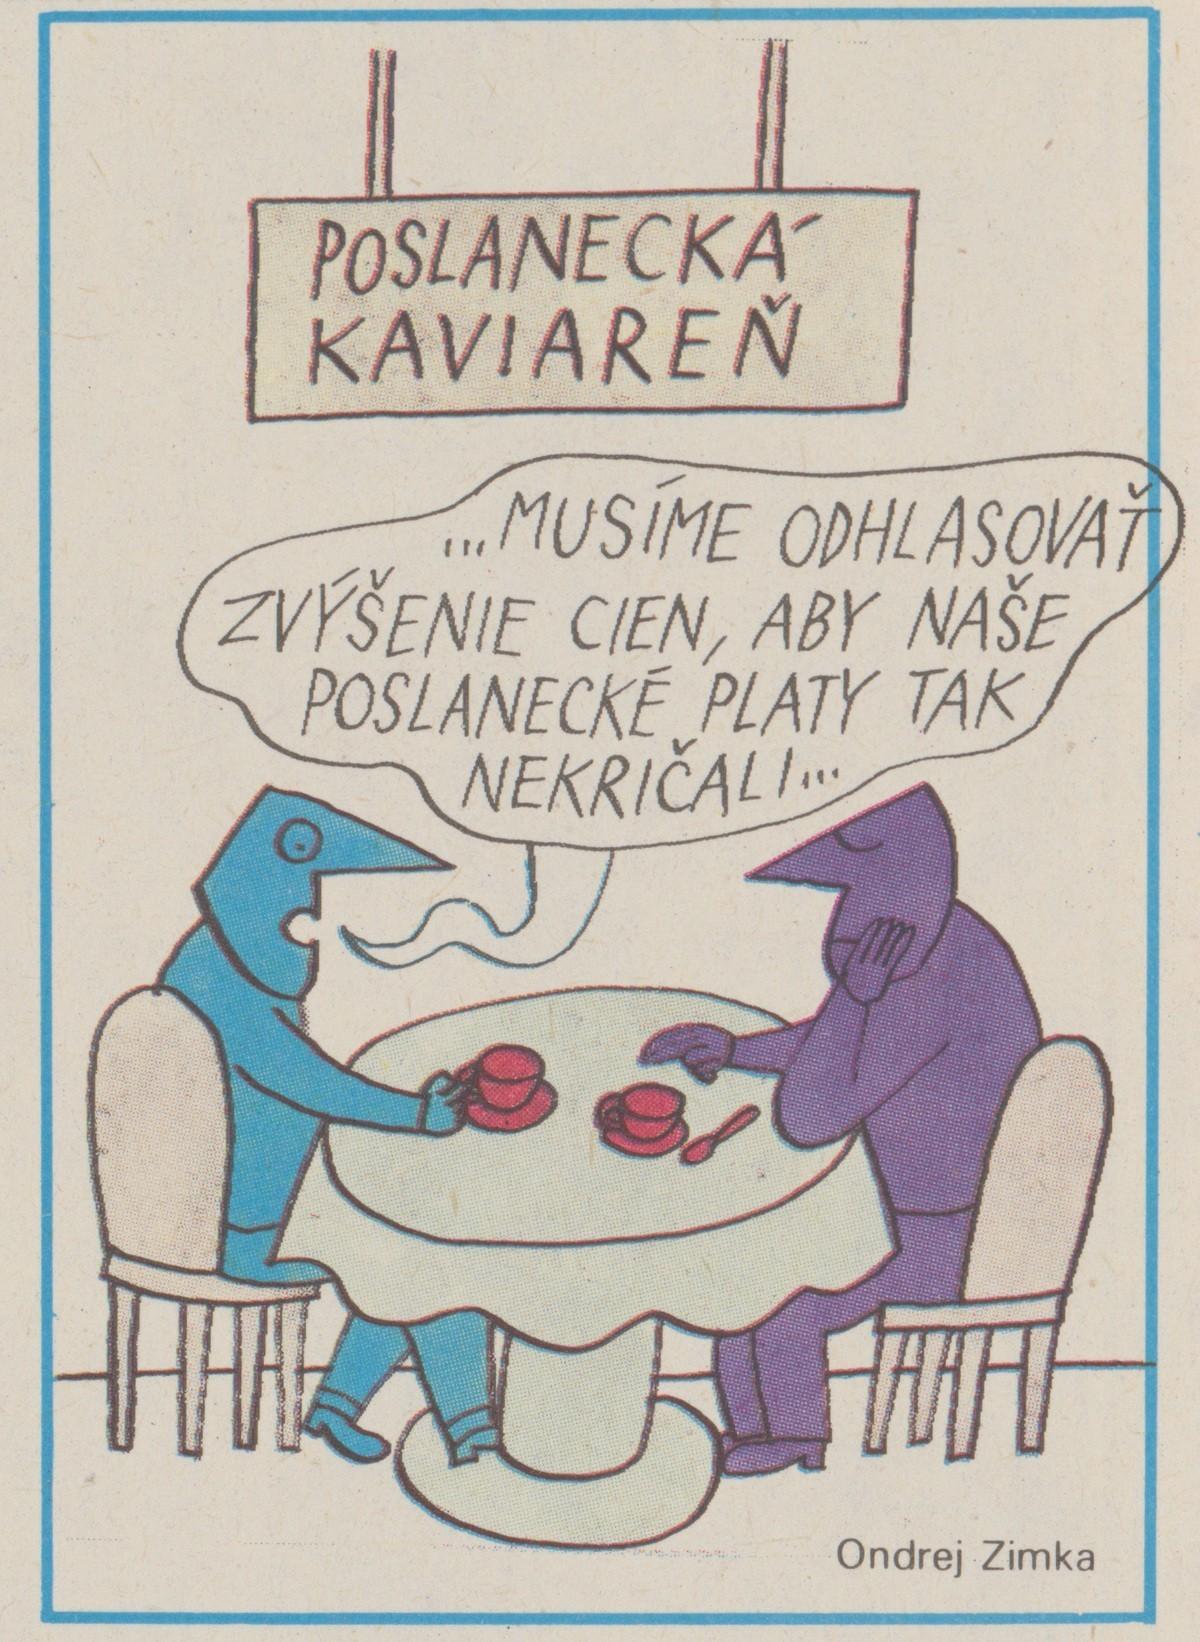 Ondrej Zimka, Poslanecká kaviareň. 1990. Časopis Roháč